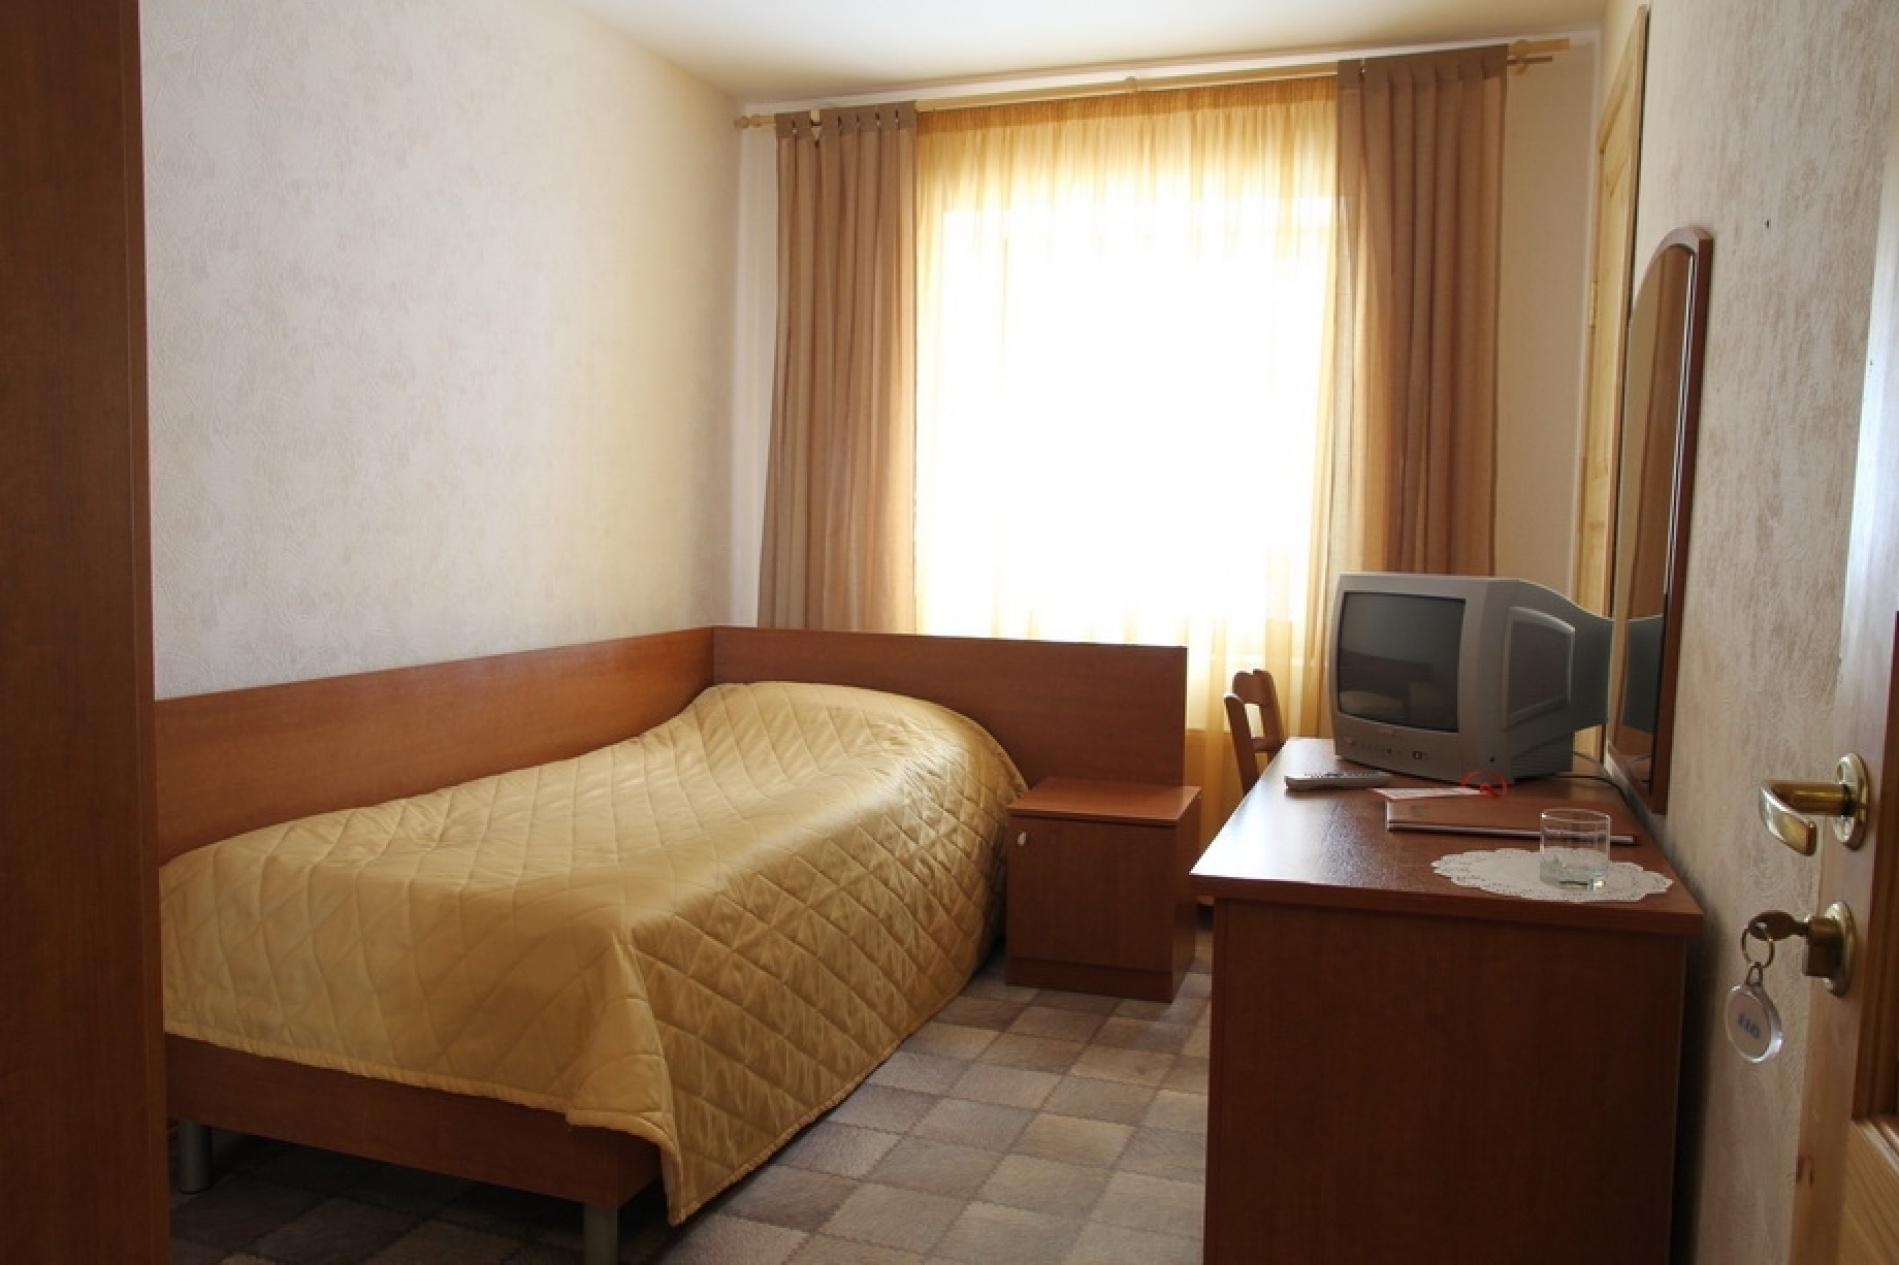 Загородный отель «Плесков» Псковская область Стандарт № 1, фото 2